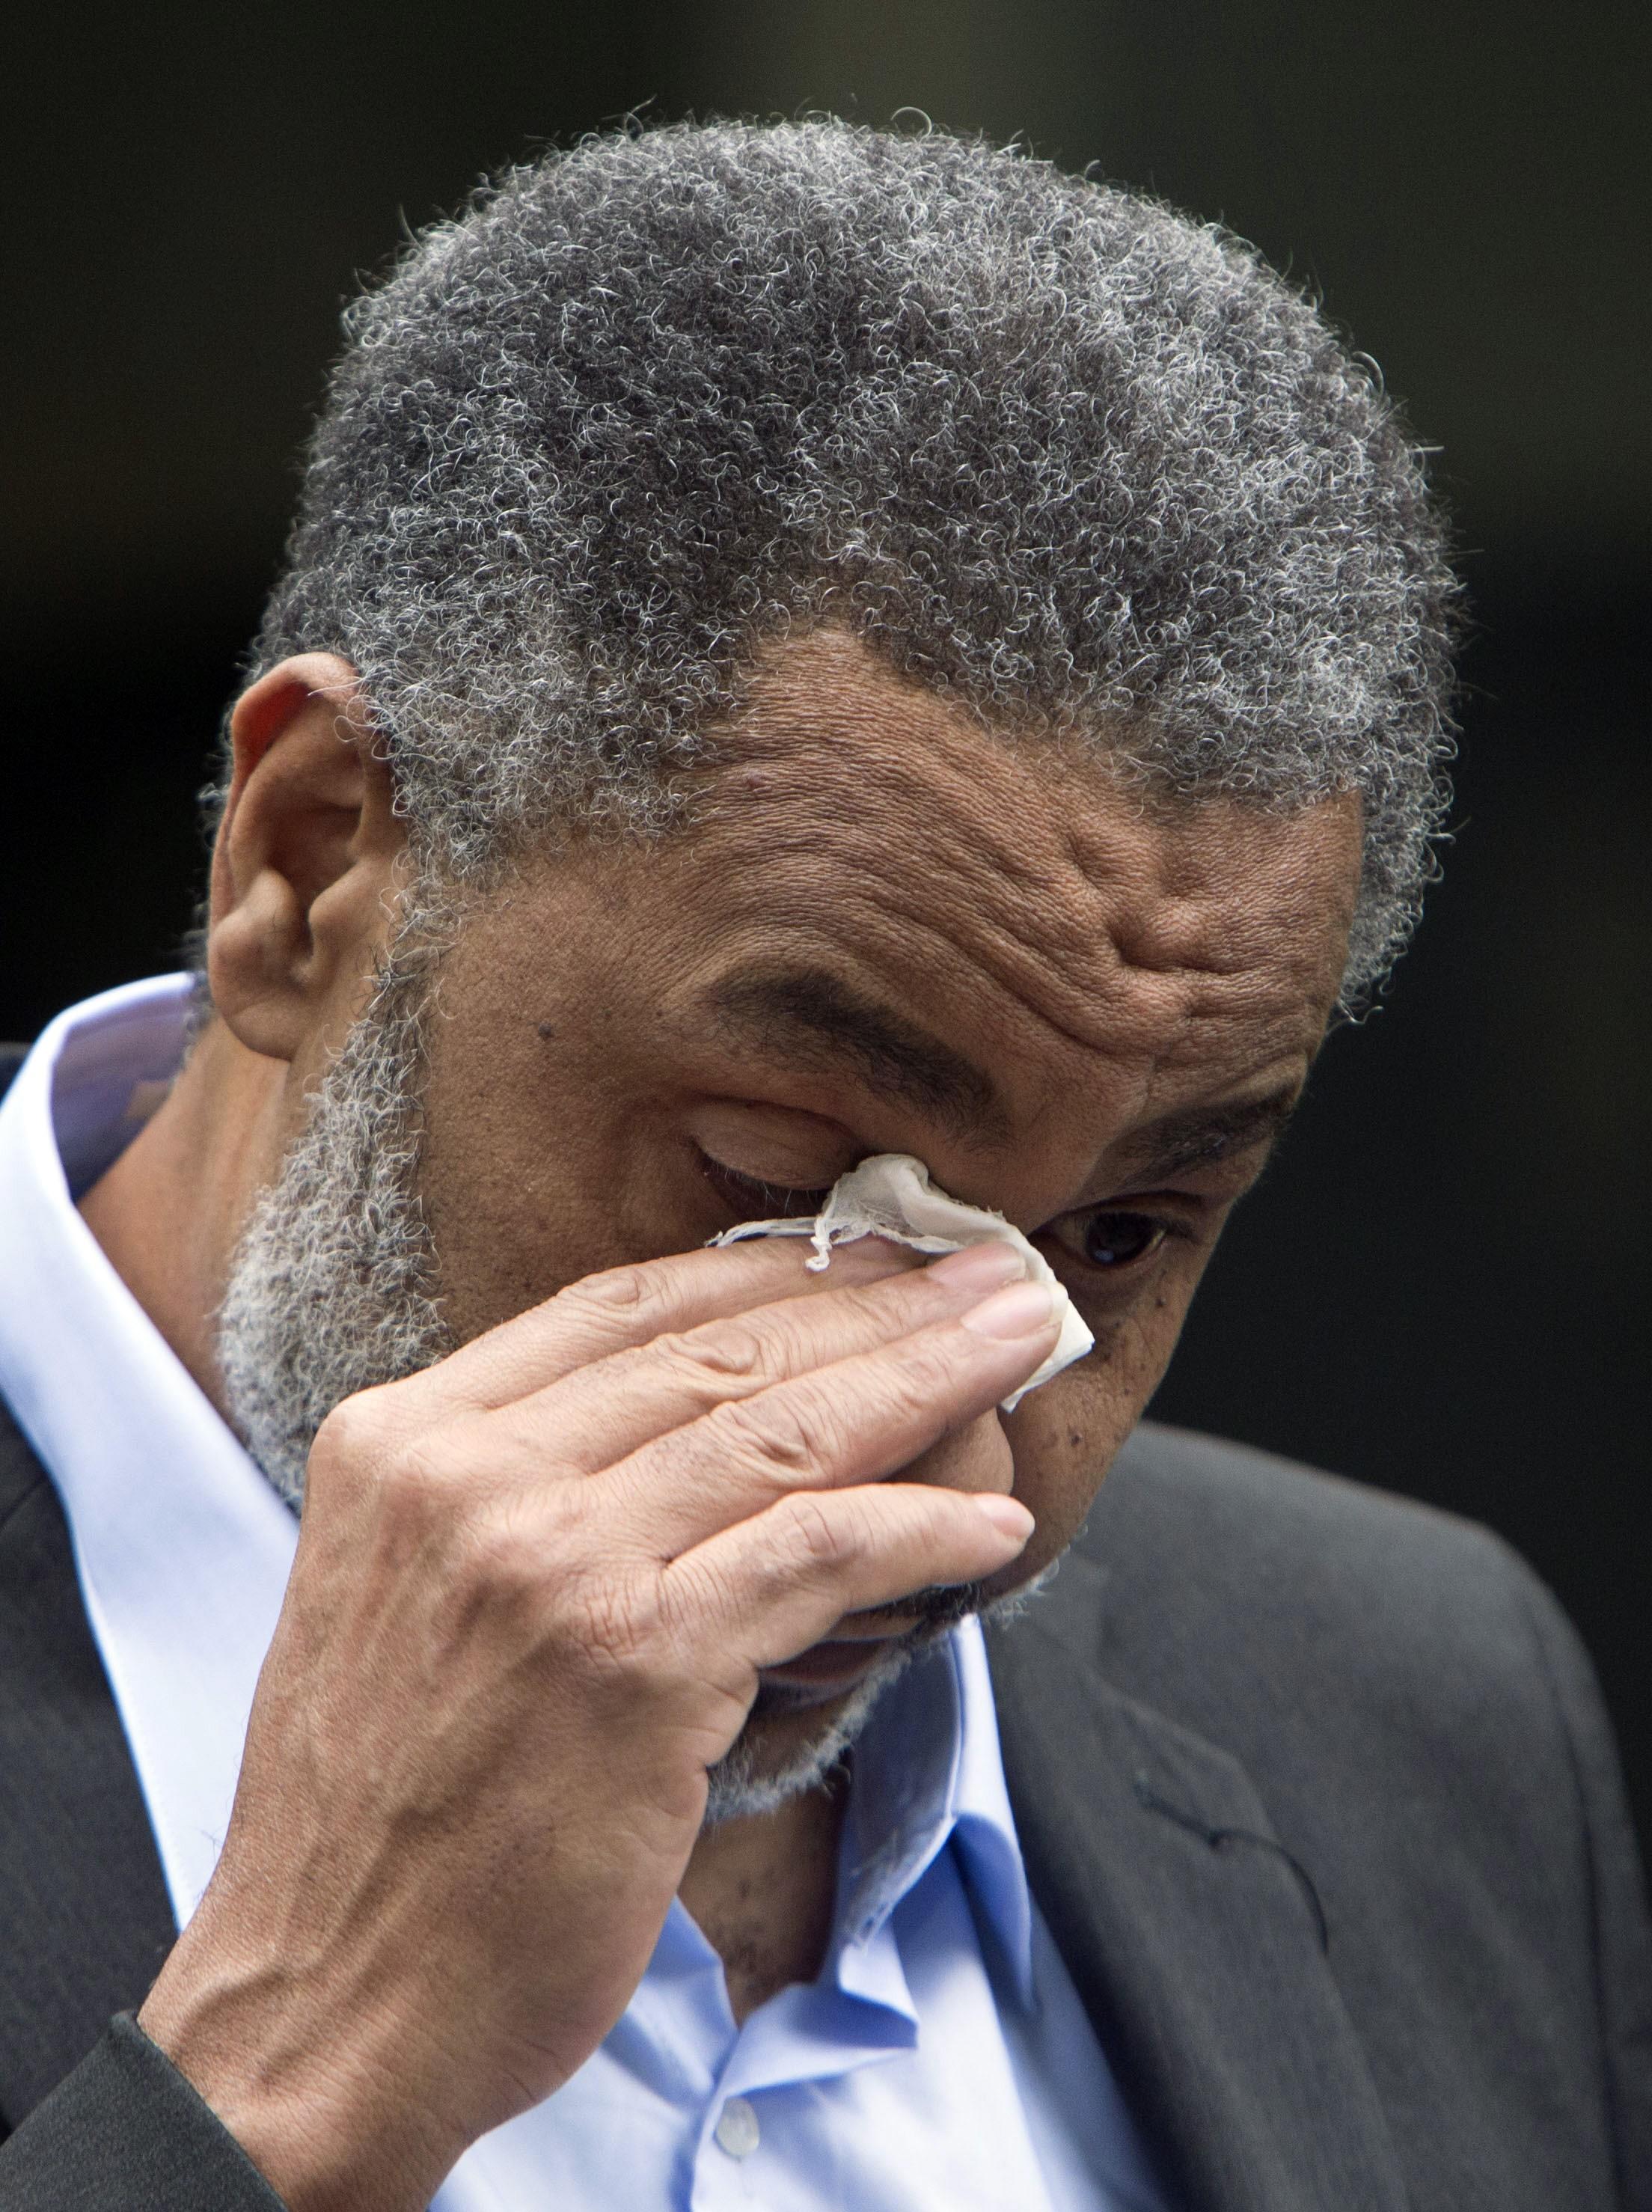 Anthony se emocionou depois que foi libertado da prisão  (Foto: Hal Yeager/AP)